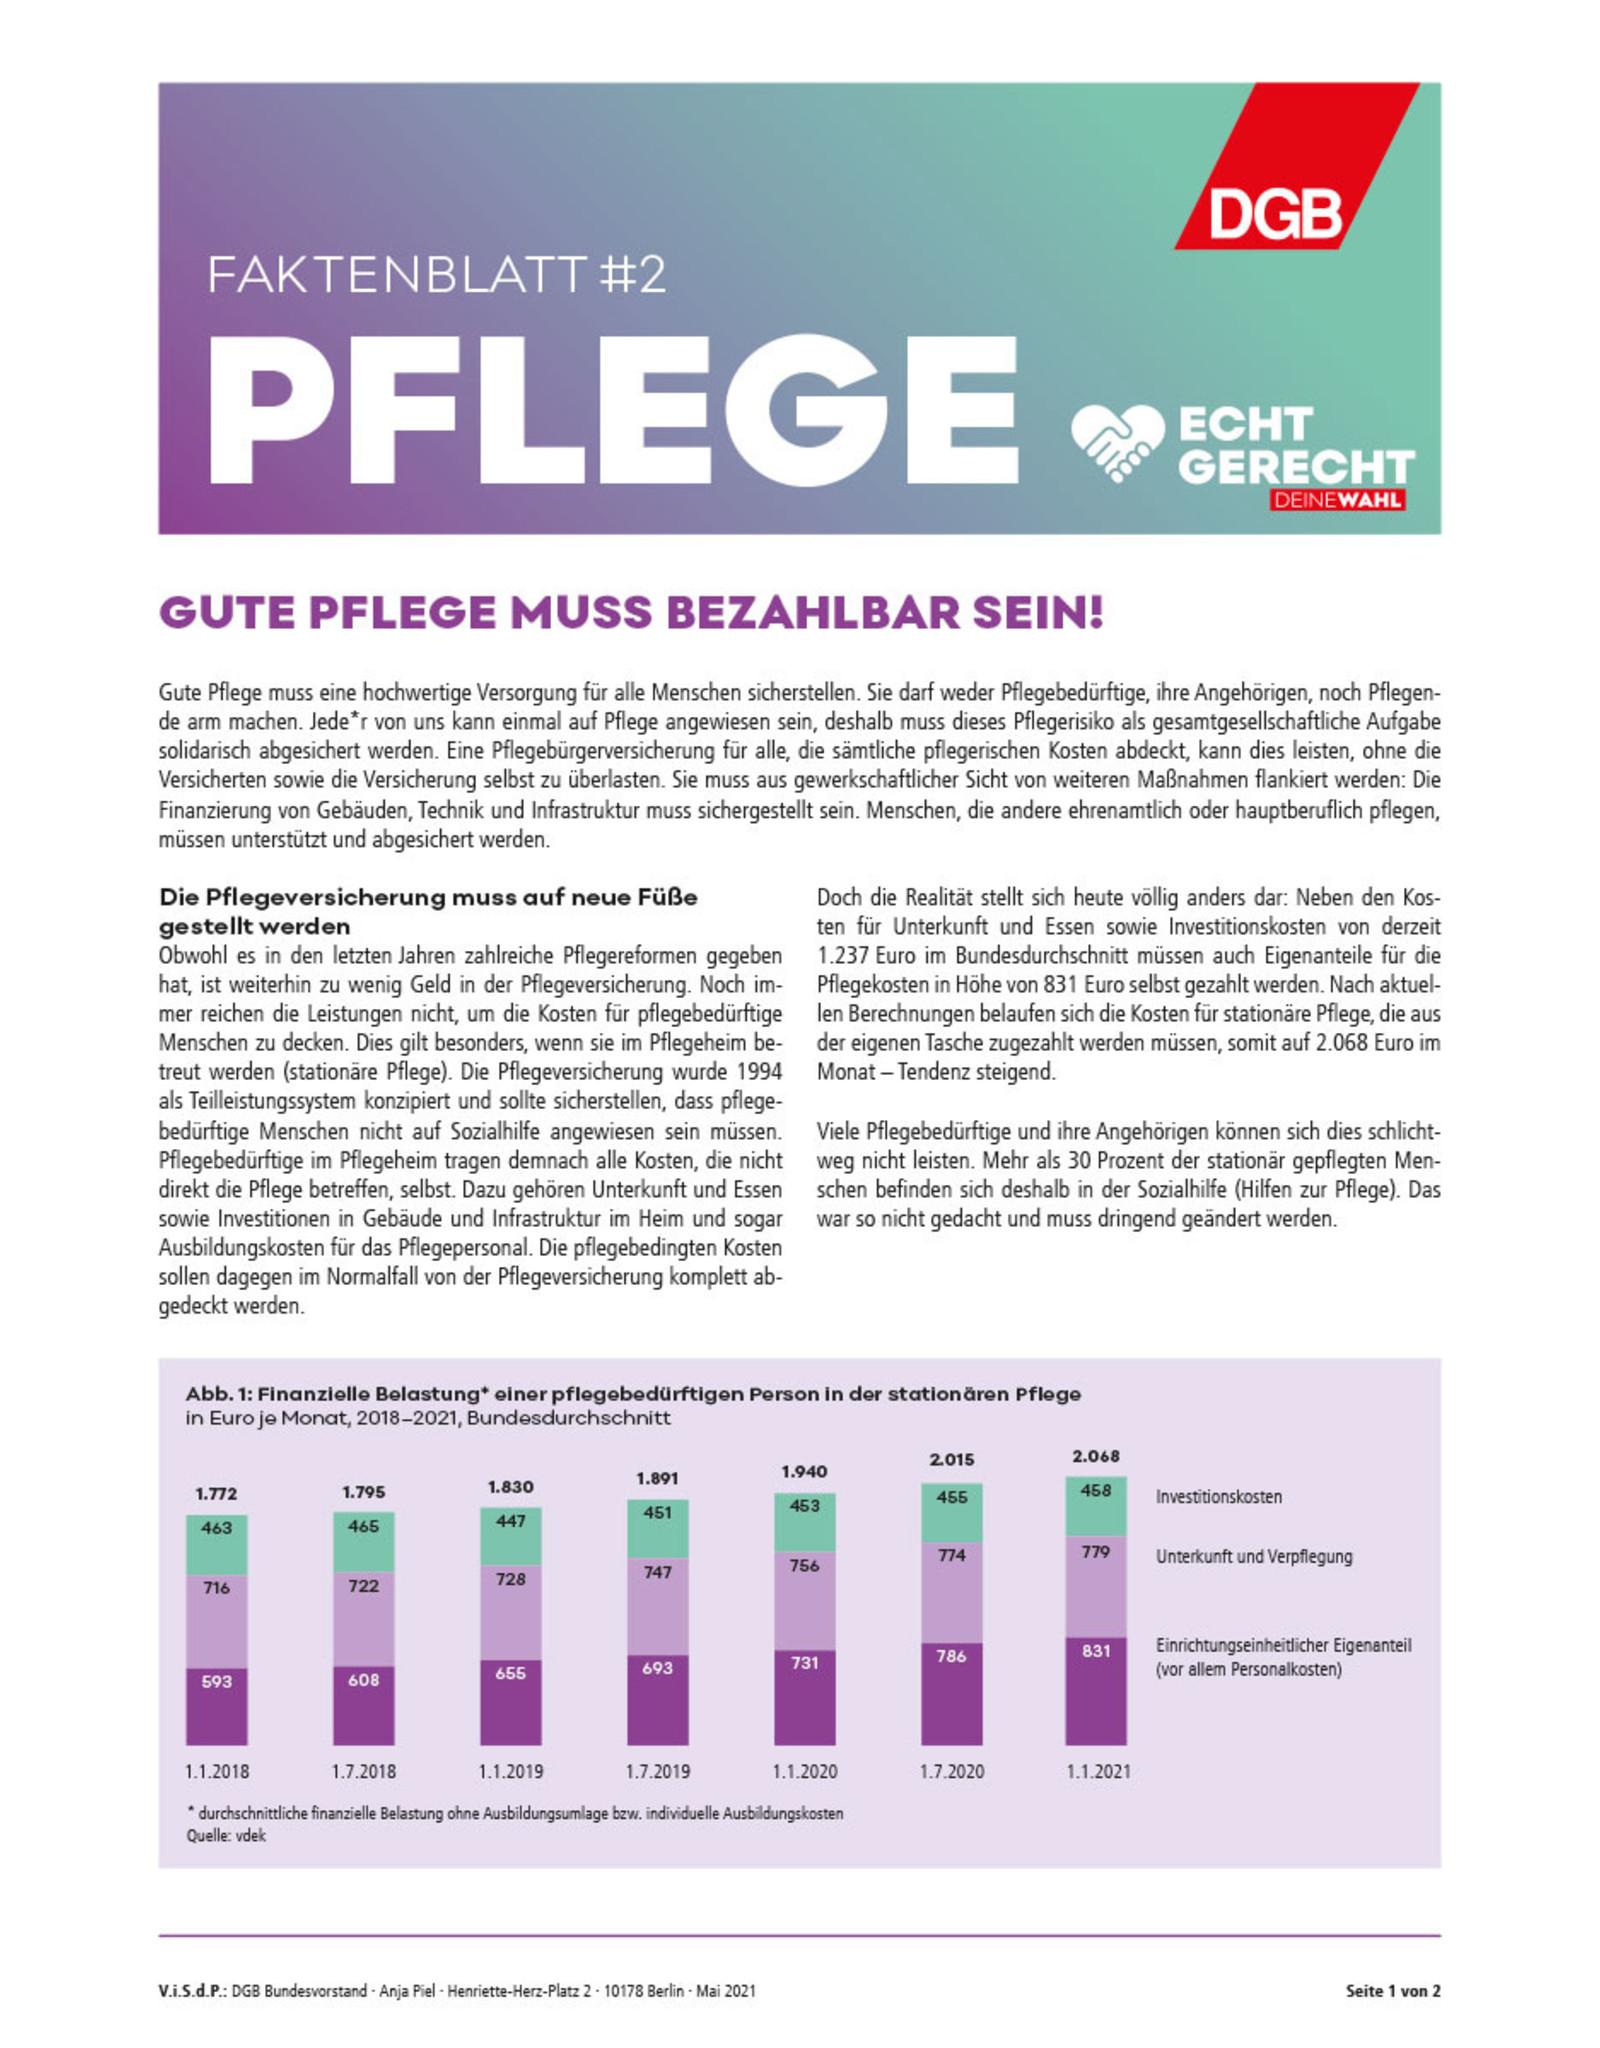 """Faktenblatt #2 Pflege zur Bundestagswahl-Kampagne """"Echt gerecht"""" 2021"""